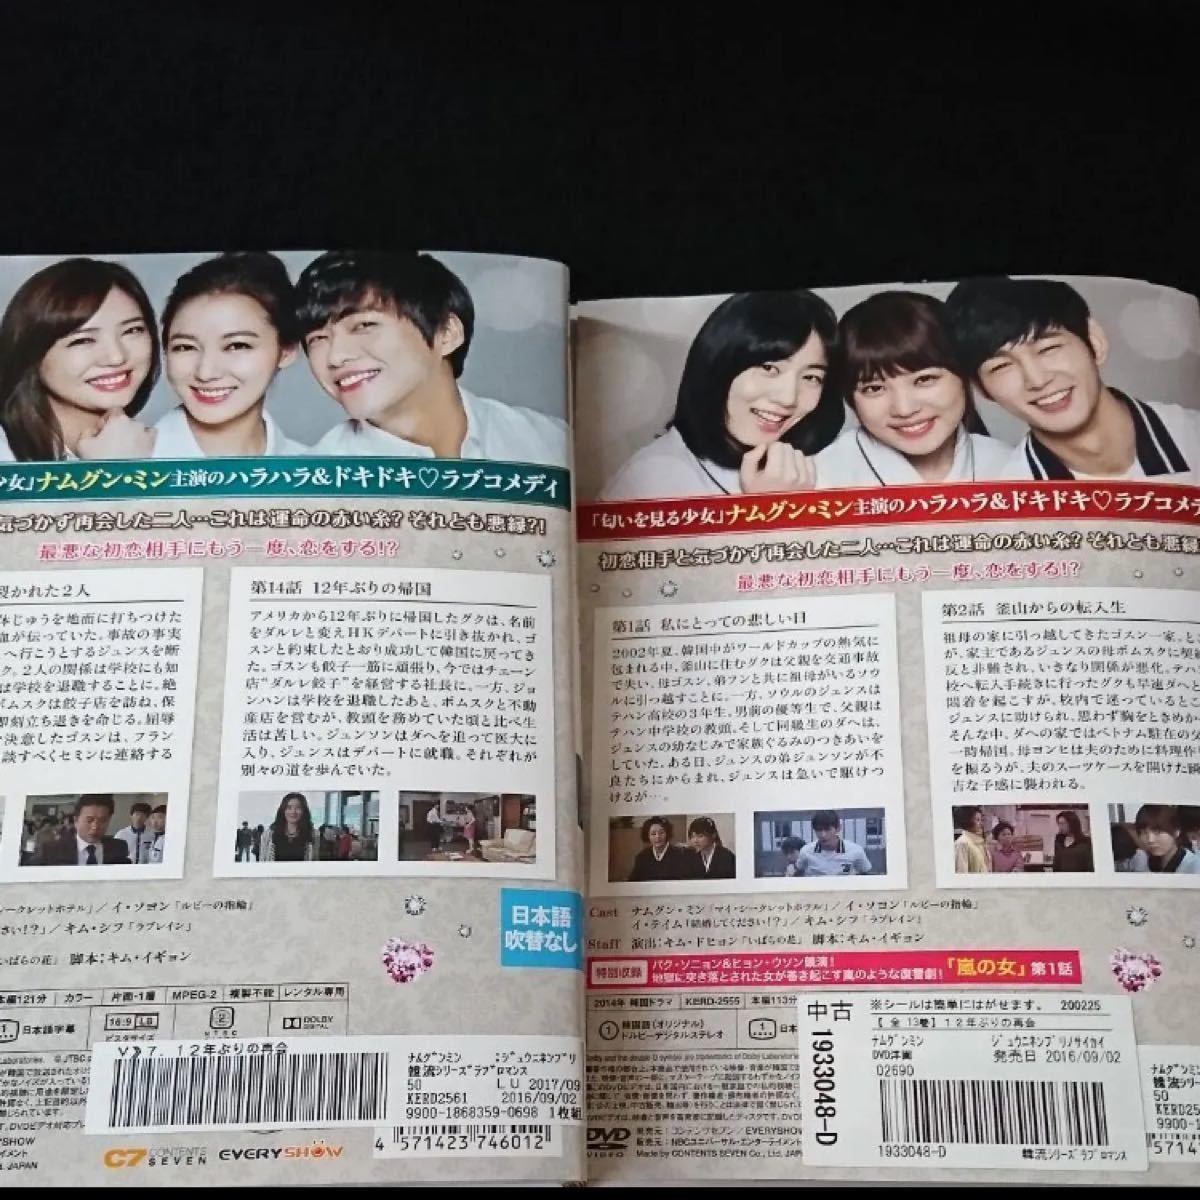 韓国ドラマ 12年ぶりの再会 全話